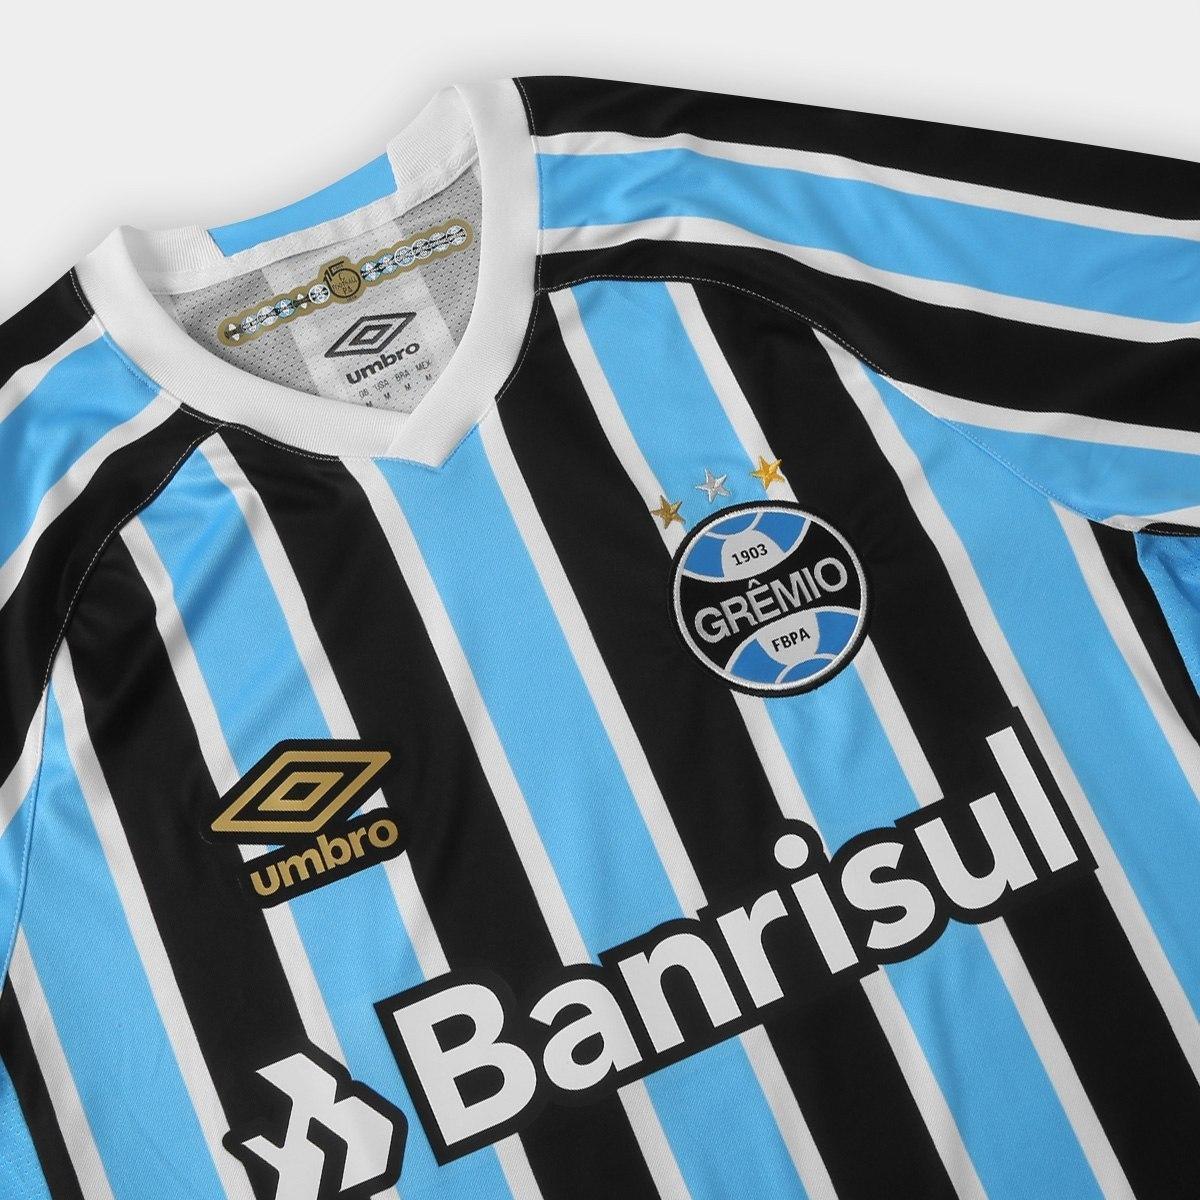 93d8e21981c40 Camisa Grêmio Original Umbro Pronta Entrega Oficial 2018 !! - R  120 ...